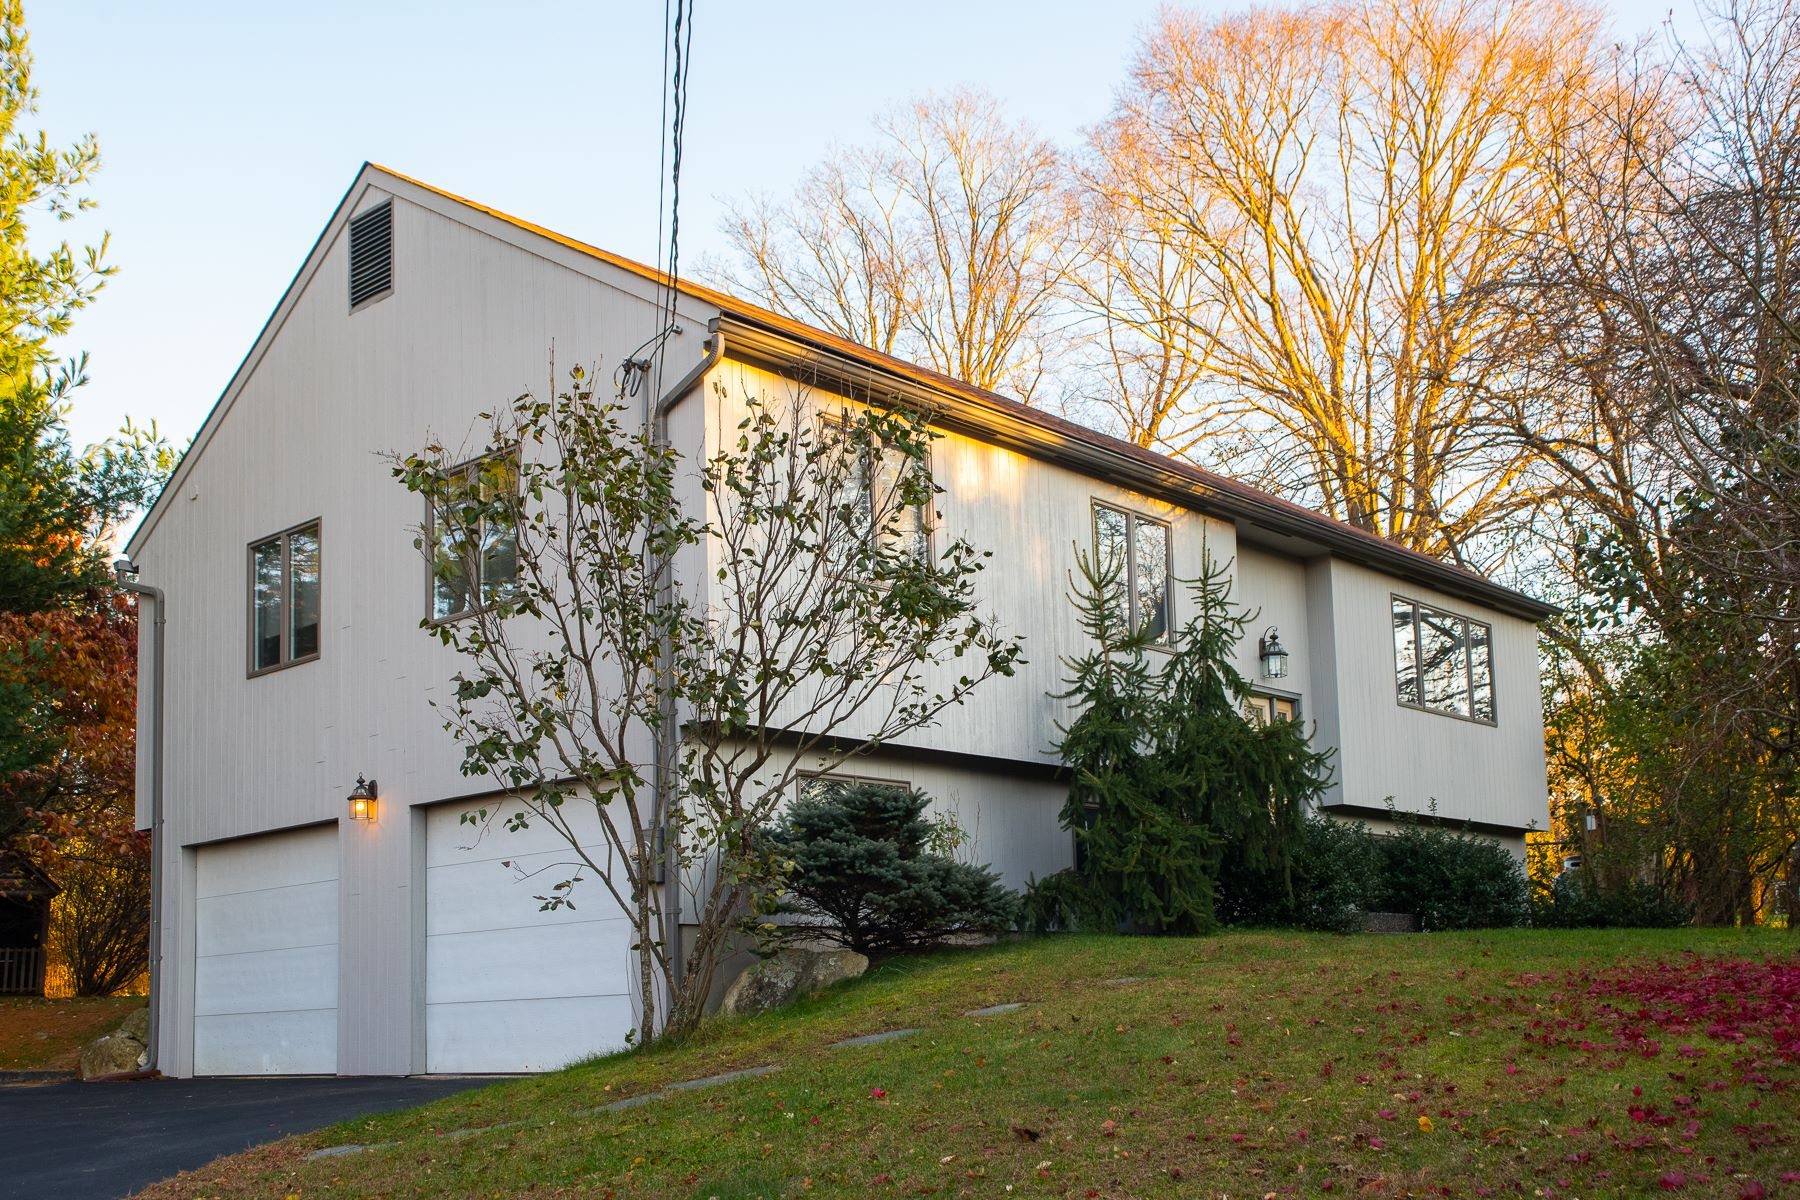 Casa Unifamiliar por un Venta en Beautifully Maintained Raised Ranch 27 Town View Drive New Milford, Connecticut 06776 Estados Unidos